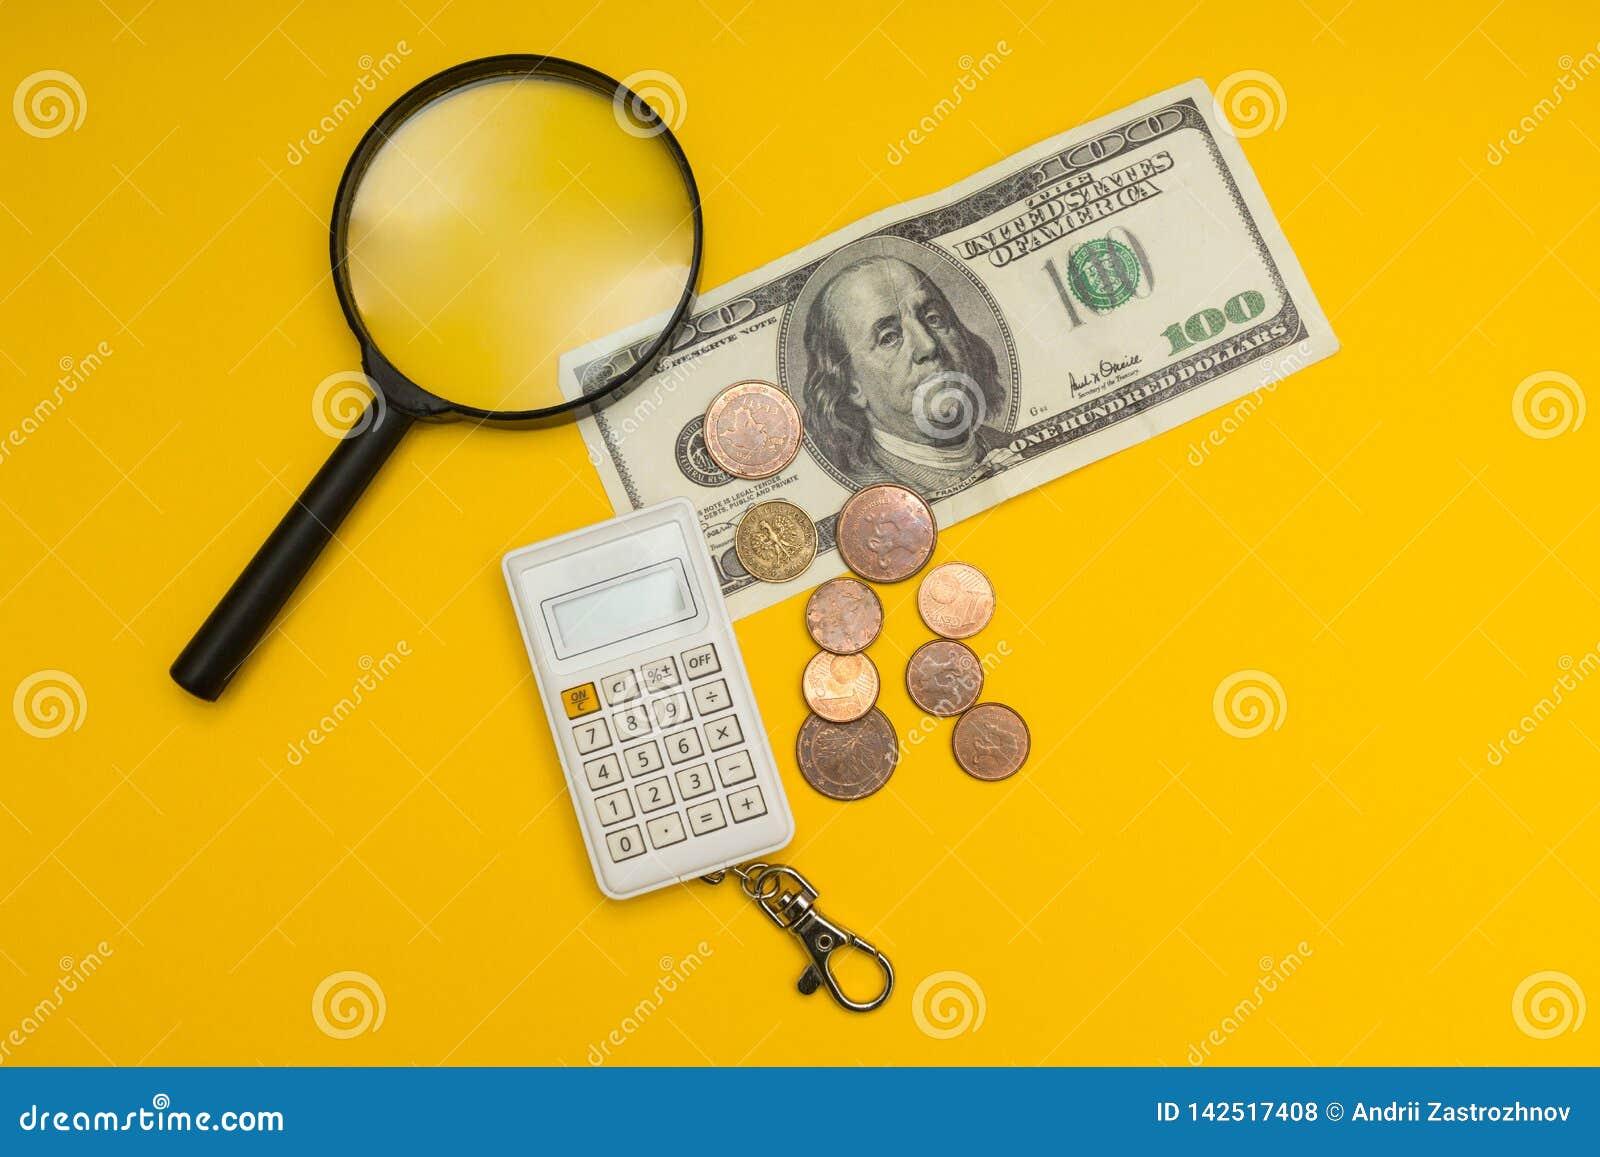 Изображение концепции банкноты 100 долларов, лупы, калькулятора и монетки на желтой предпосылке